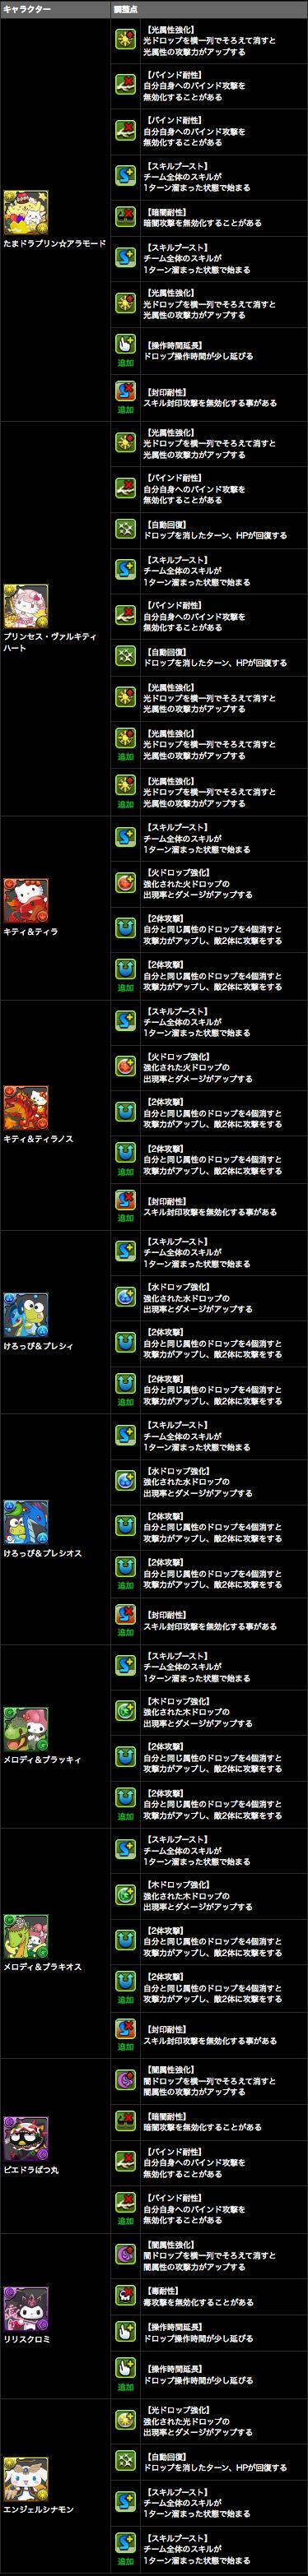 ハローキティ ワールド コラボキャラクターがパワーアップ!!|パズル&ドラゴンズ 3